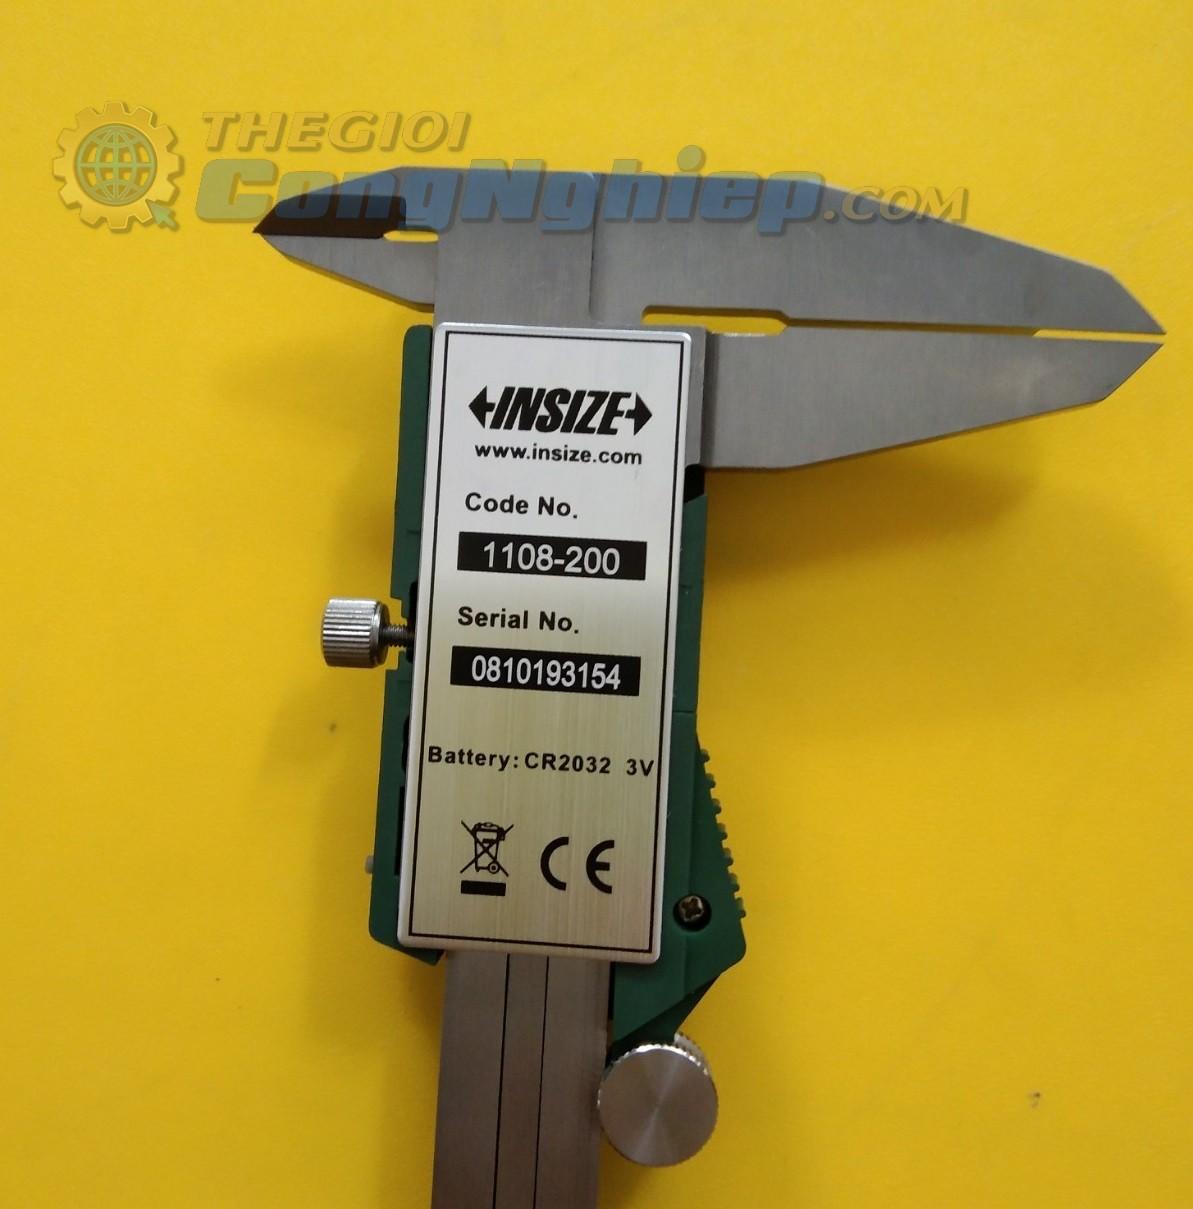 Thước cặp điện tử  0-200mm/0-8  1108-200W Insize